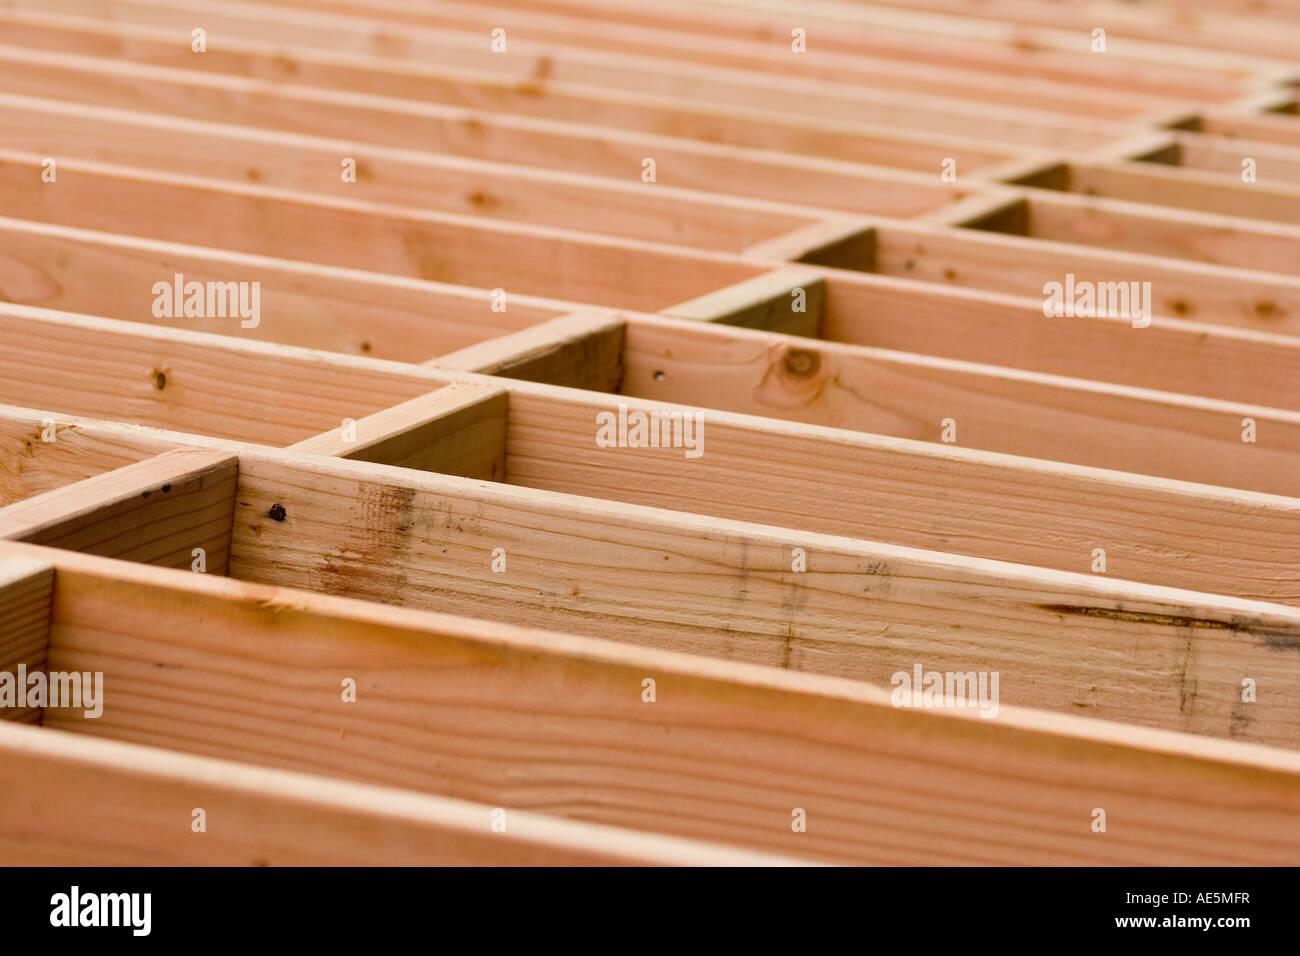 Bauvorhaben Gebäude Holz blockiert in einem gestaffelten Muster zwischen Fußbodenbalken in ein Wohn- Stockbild